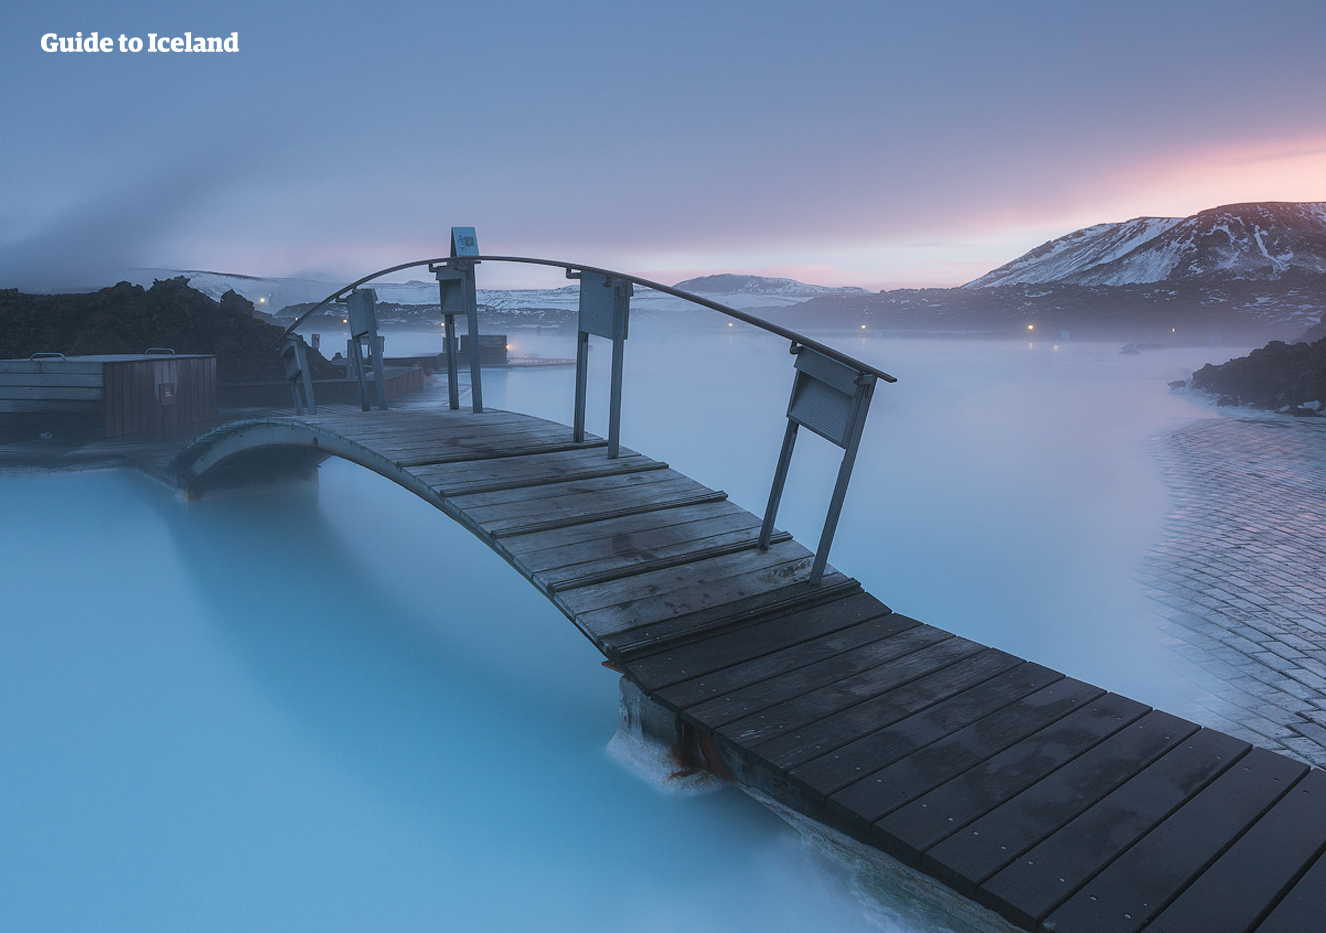 在辛苦的长途飞行后跳进冰岛著名的蓝湖温泉尽情舒缓旅途的劳累